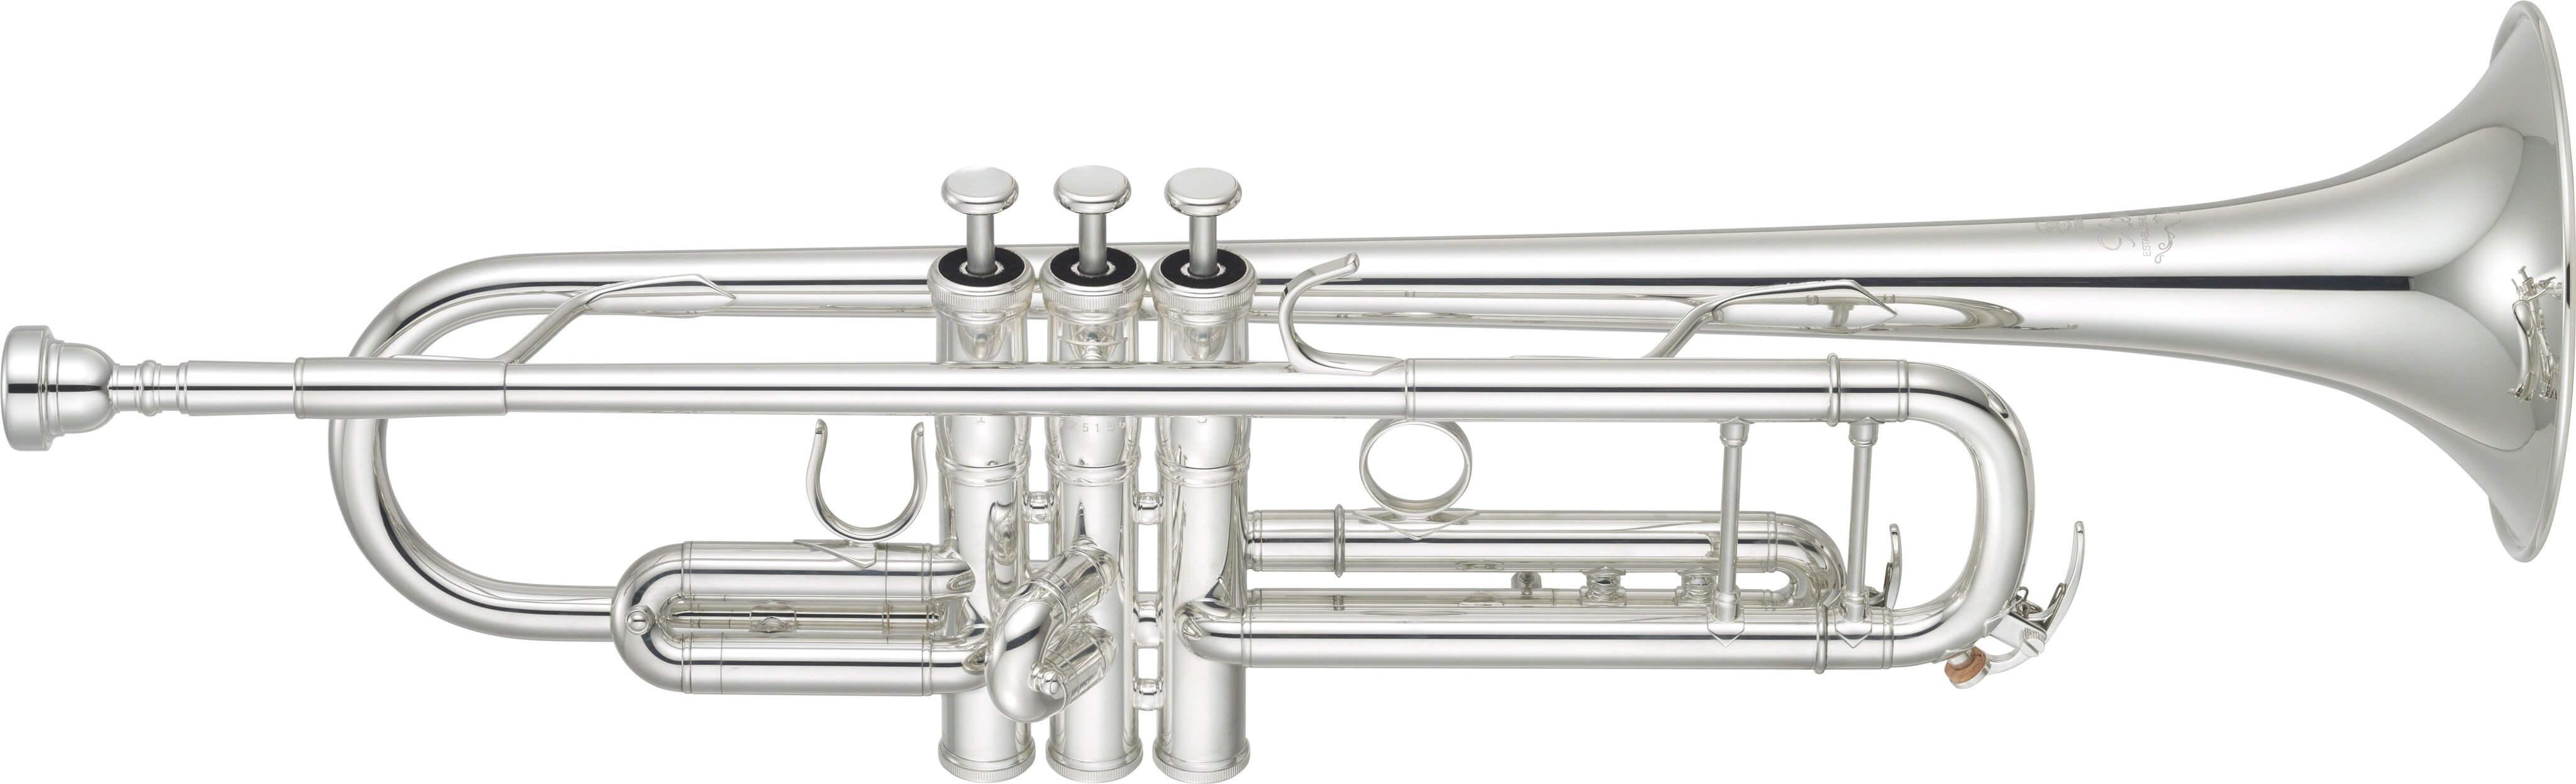 Trompeta Yamaha Ytr-8345S Plateada. Unidades limitadas con Silent Brass de regalo